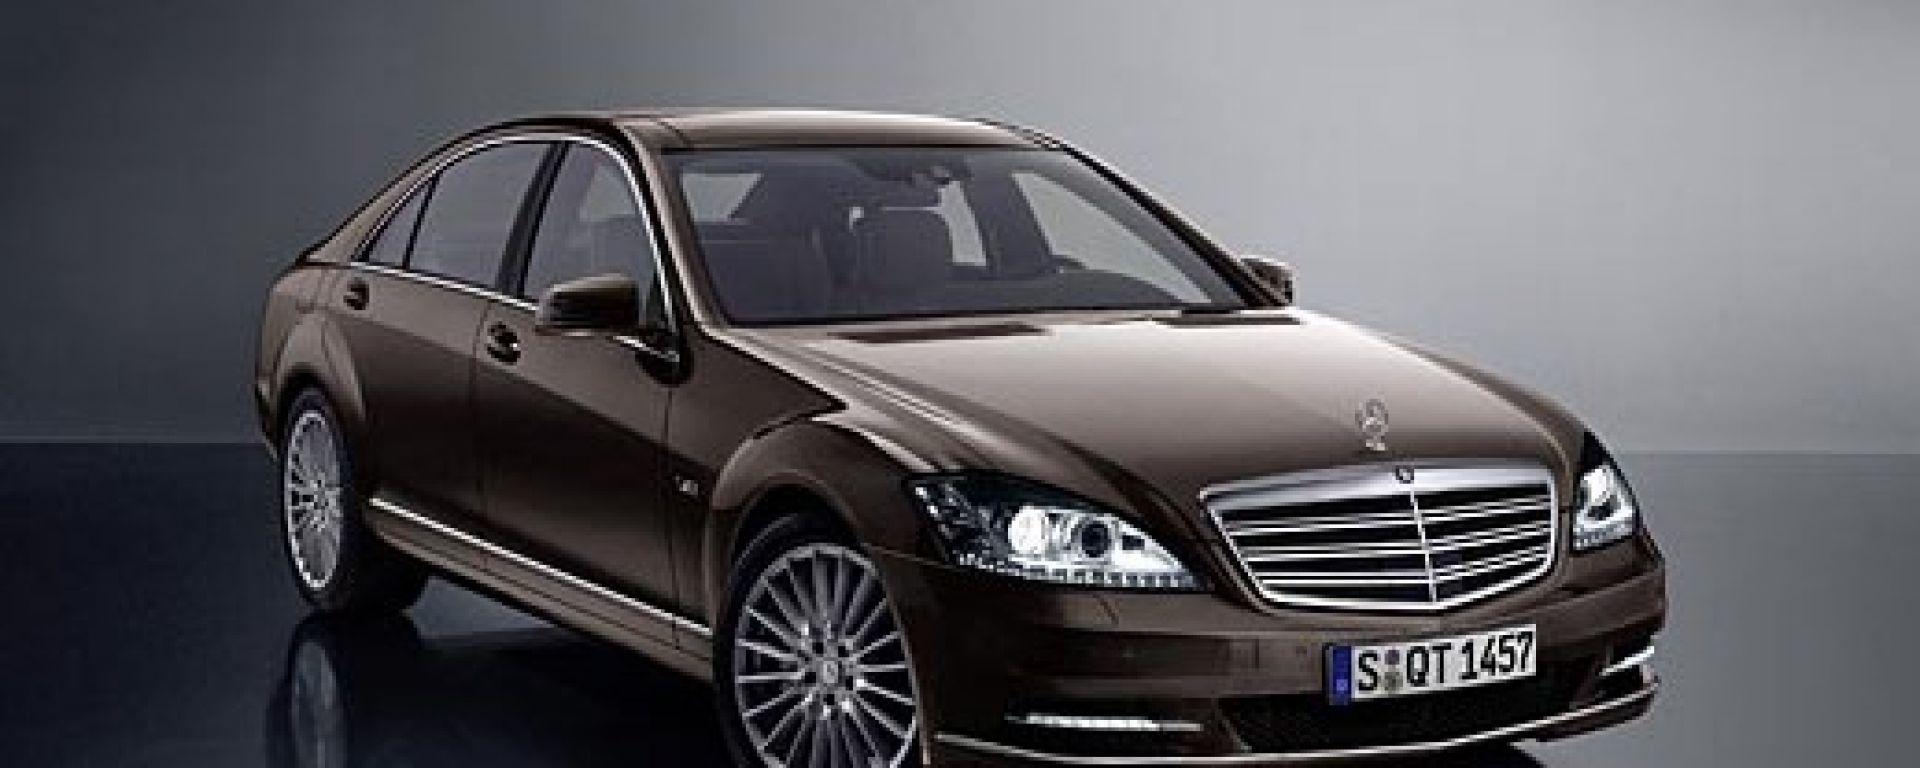 Mercedes Classe S Facelift 2009